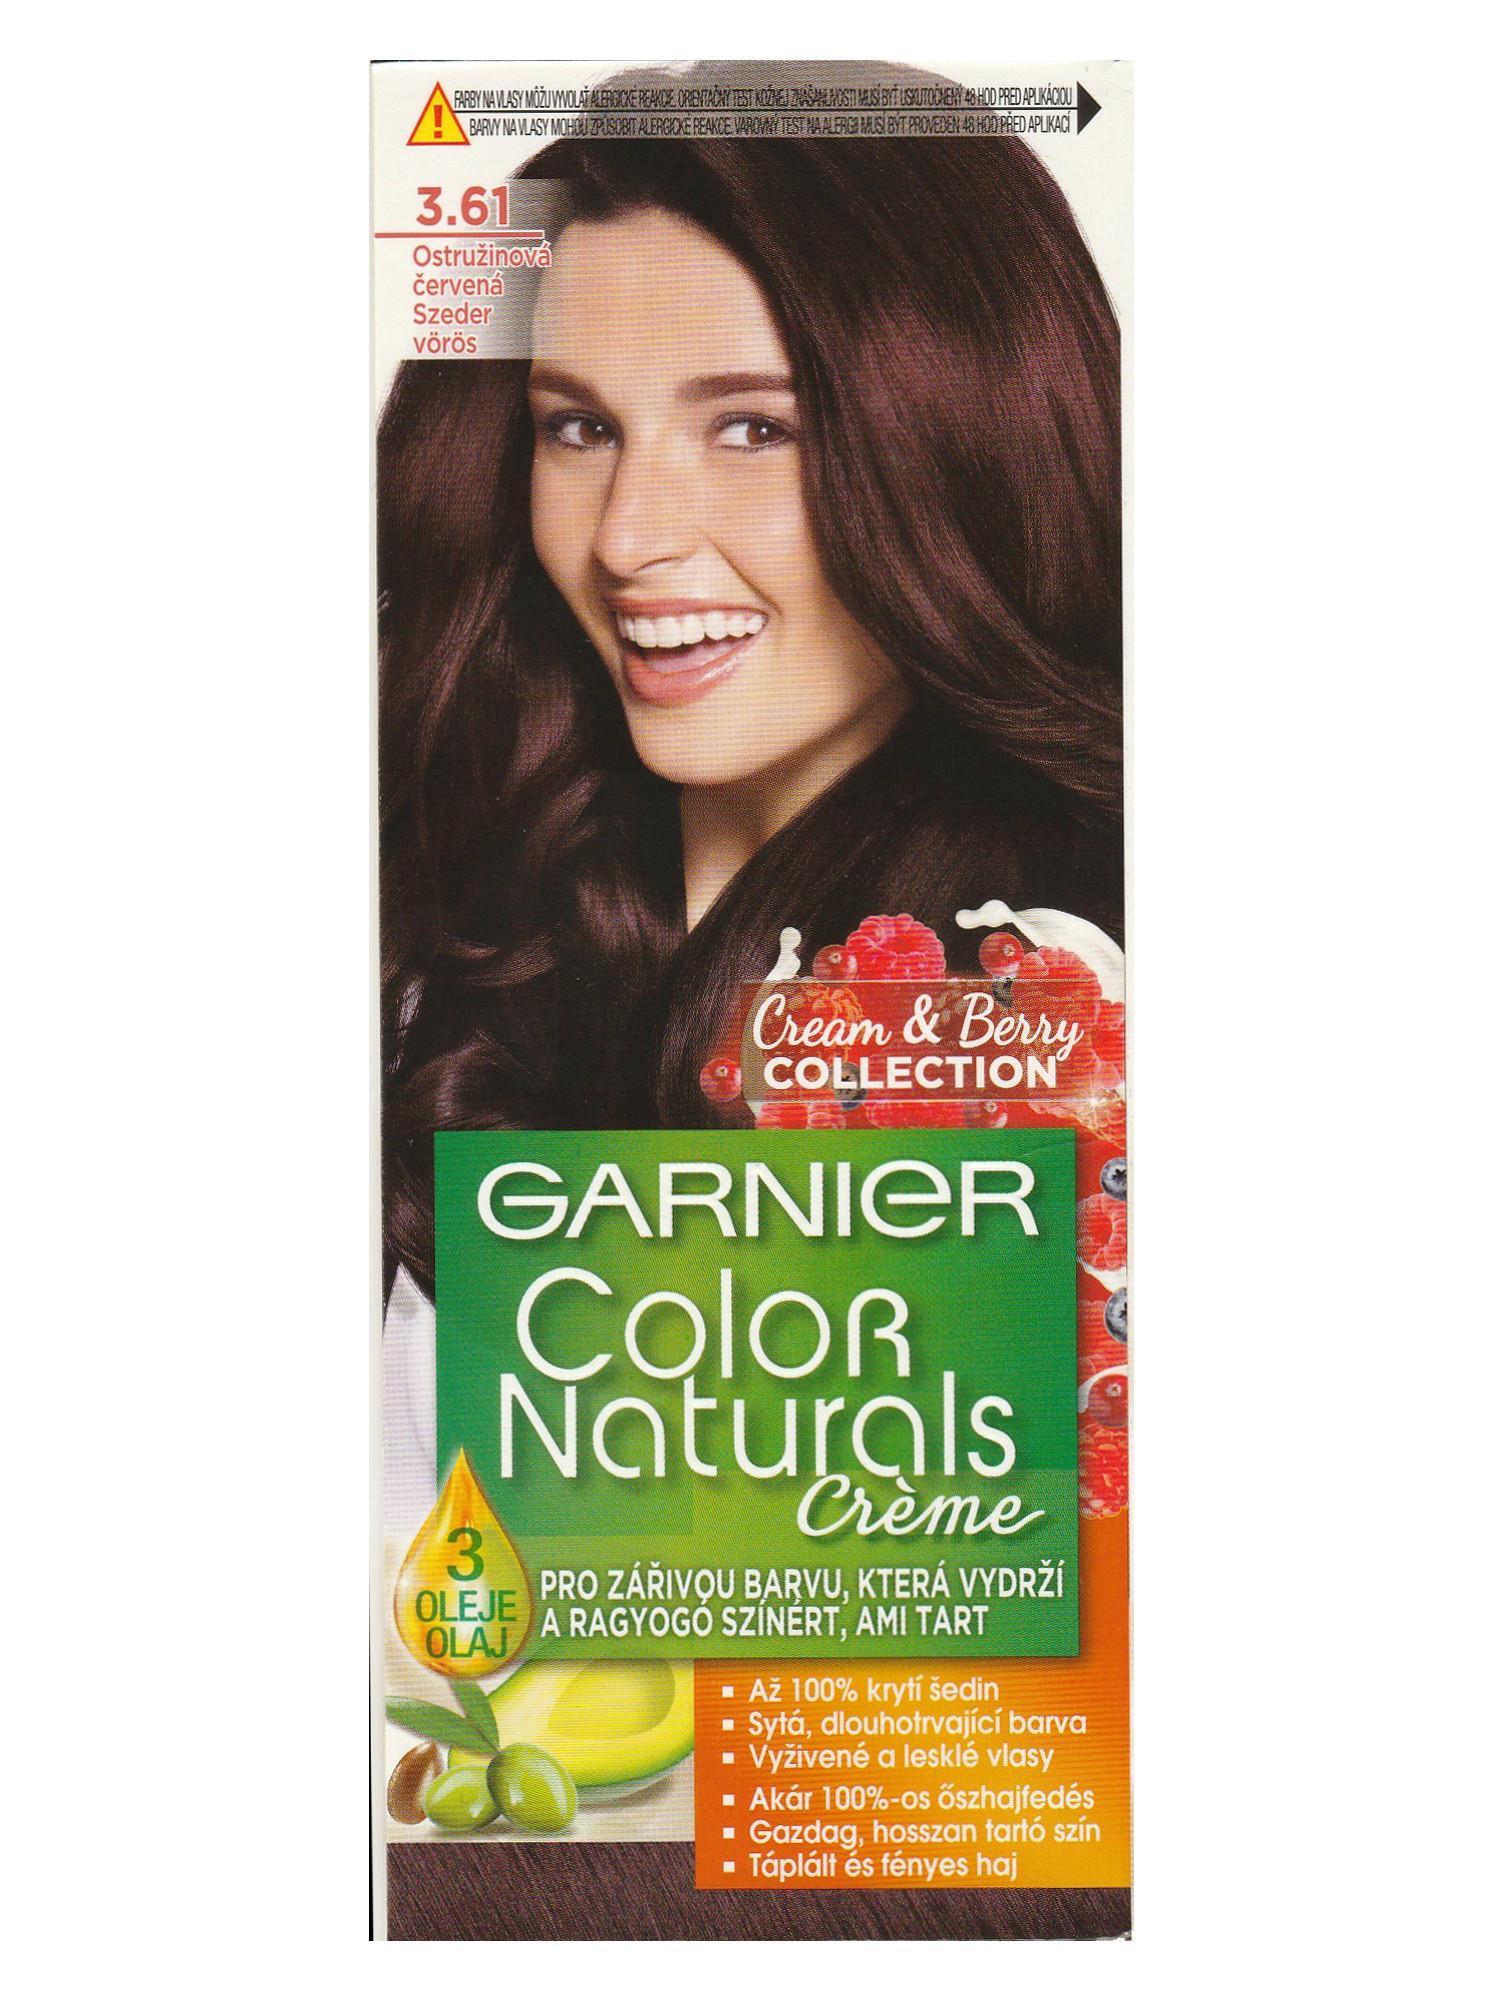 Permanentní barva Garnier Color Naturals 3.61 ostružinová červená